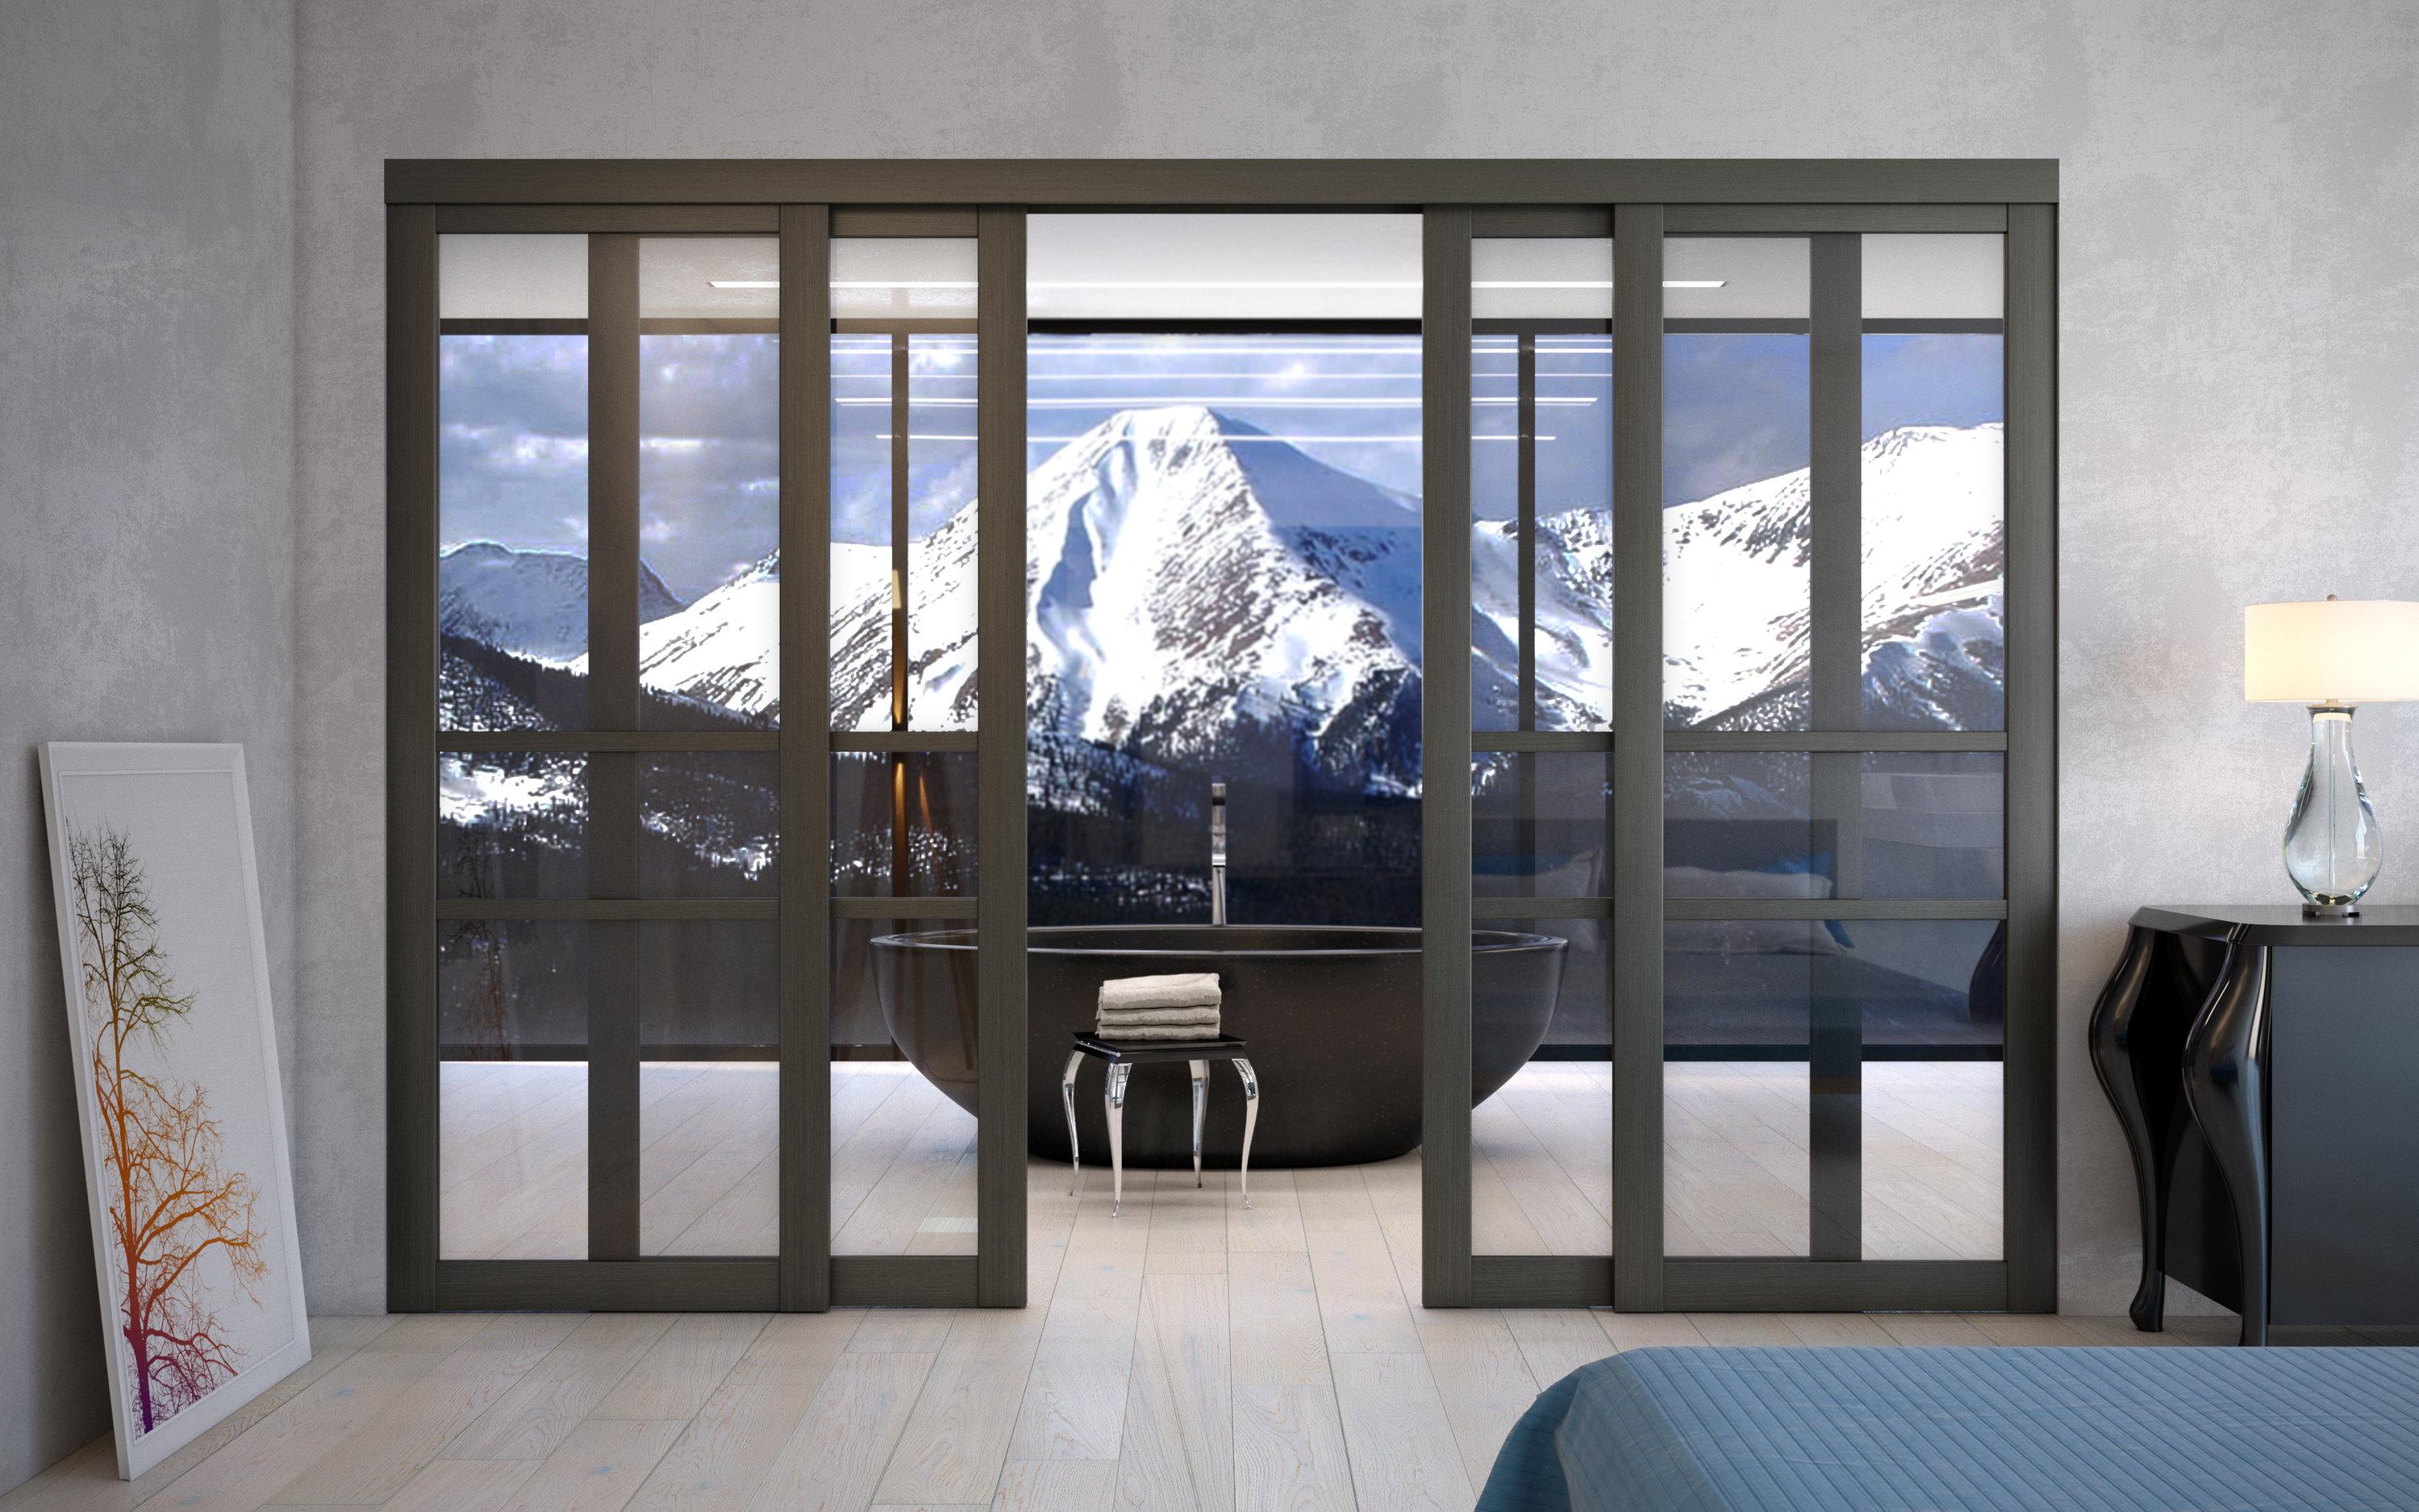 rada_doors_scenes_3_1.jpg